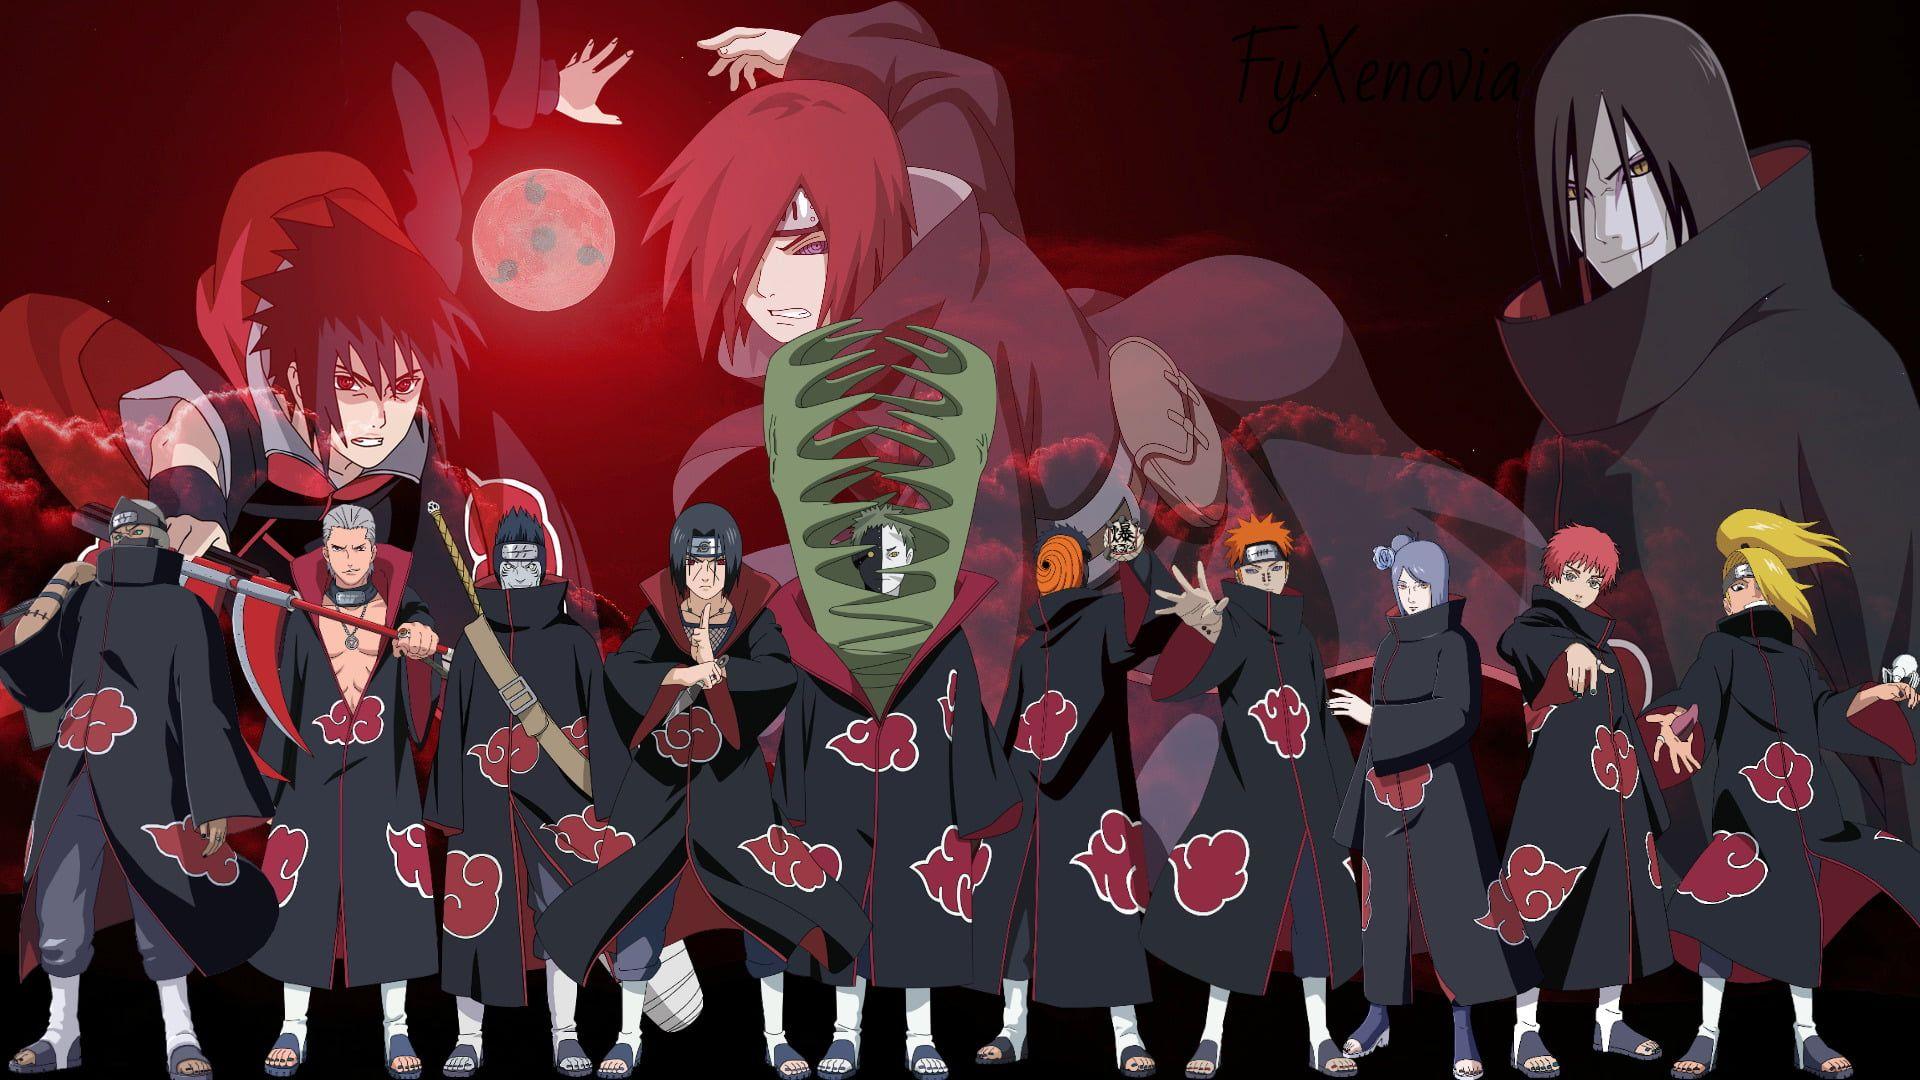 Naruto Characters Illustration Anime Naruto Akatsuki Naruto Deidara Naruto Hidan Naruto Itachi Uchiha Kakuzu Naruto K Akatsuki Naruto Wallpaper Anime